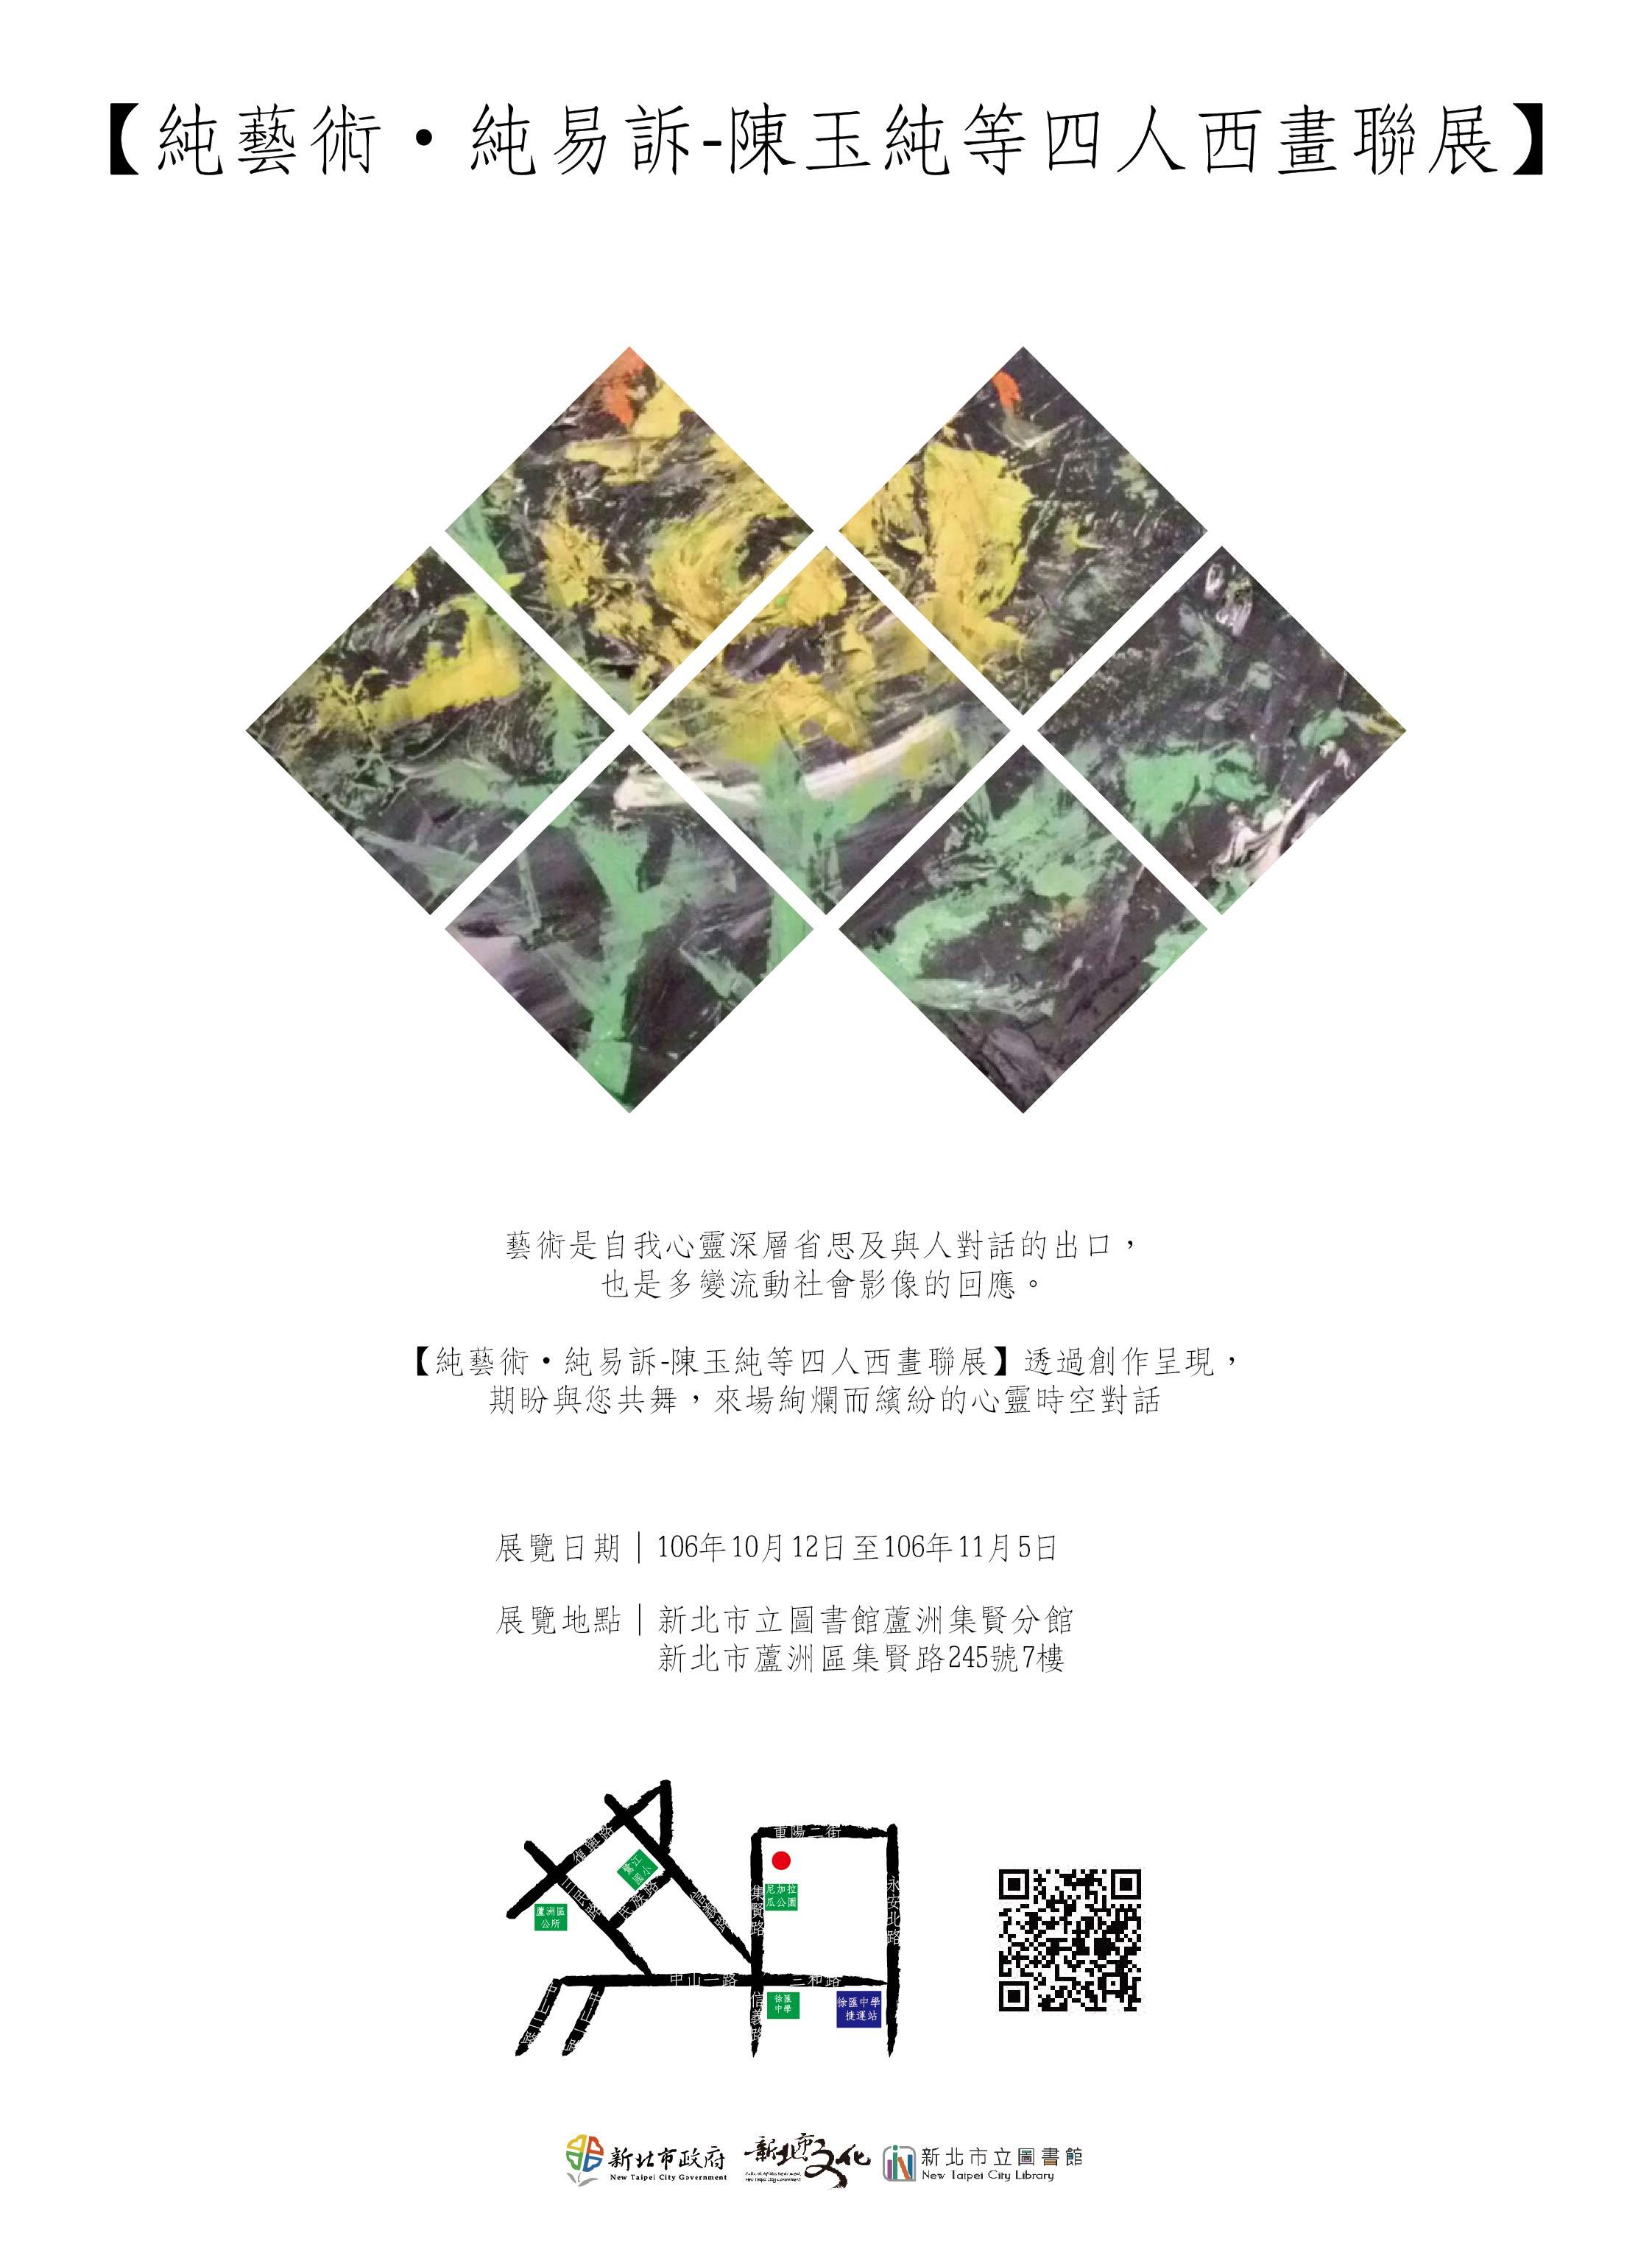 純藝術‧純易訴-陳玉純等四人西畫聯展